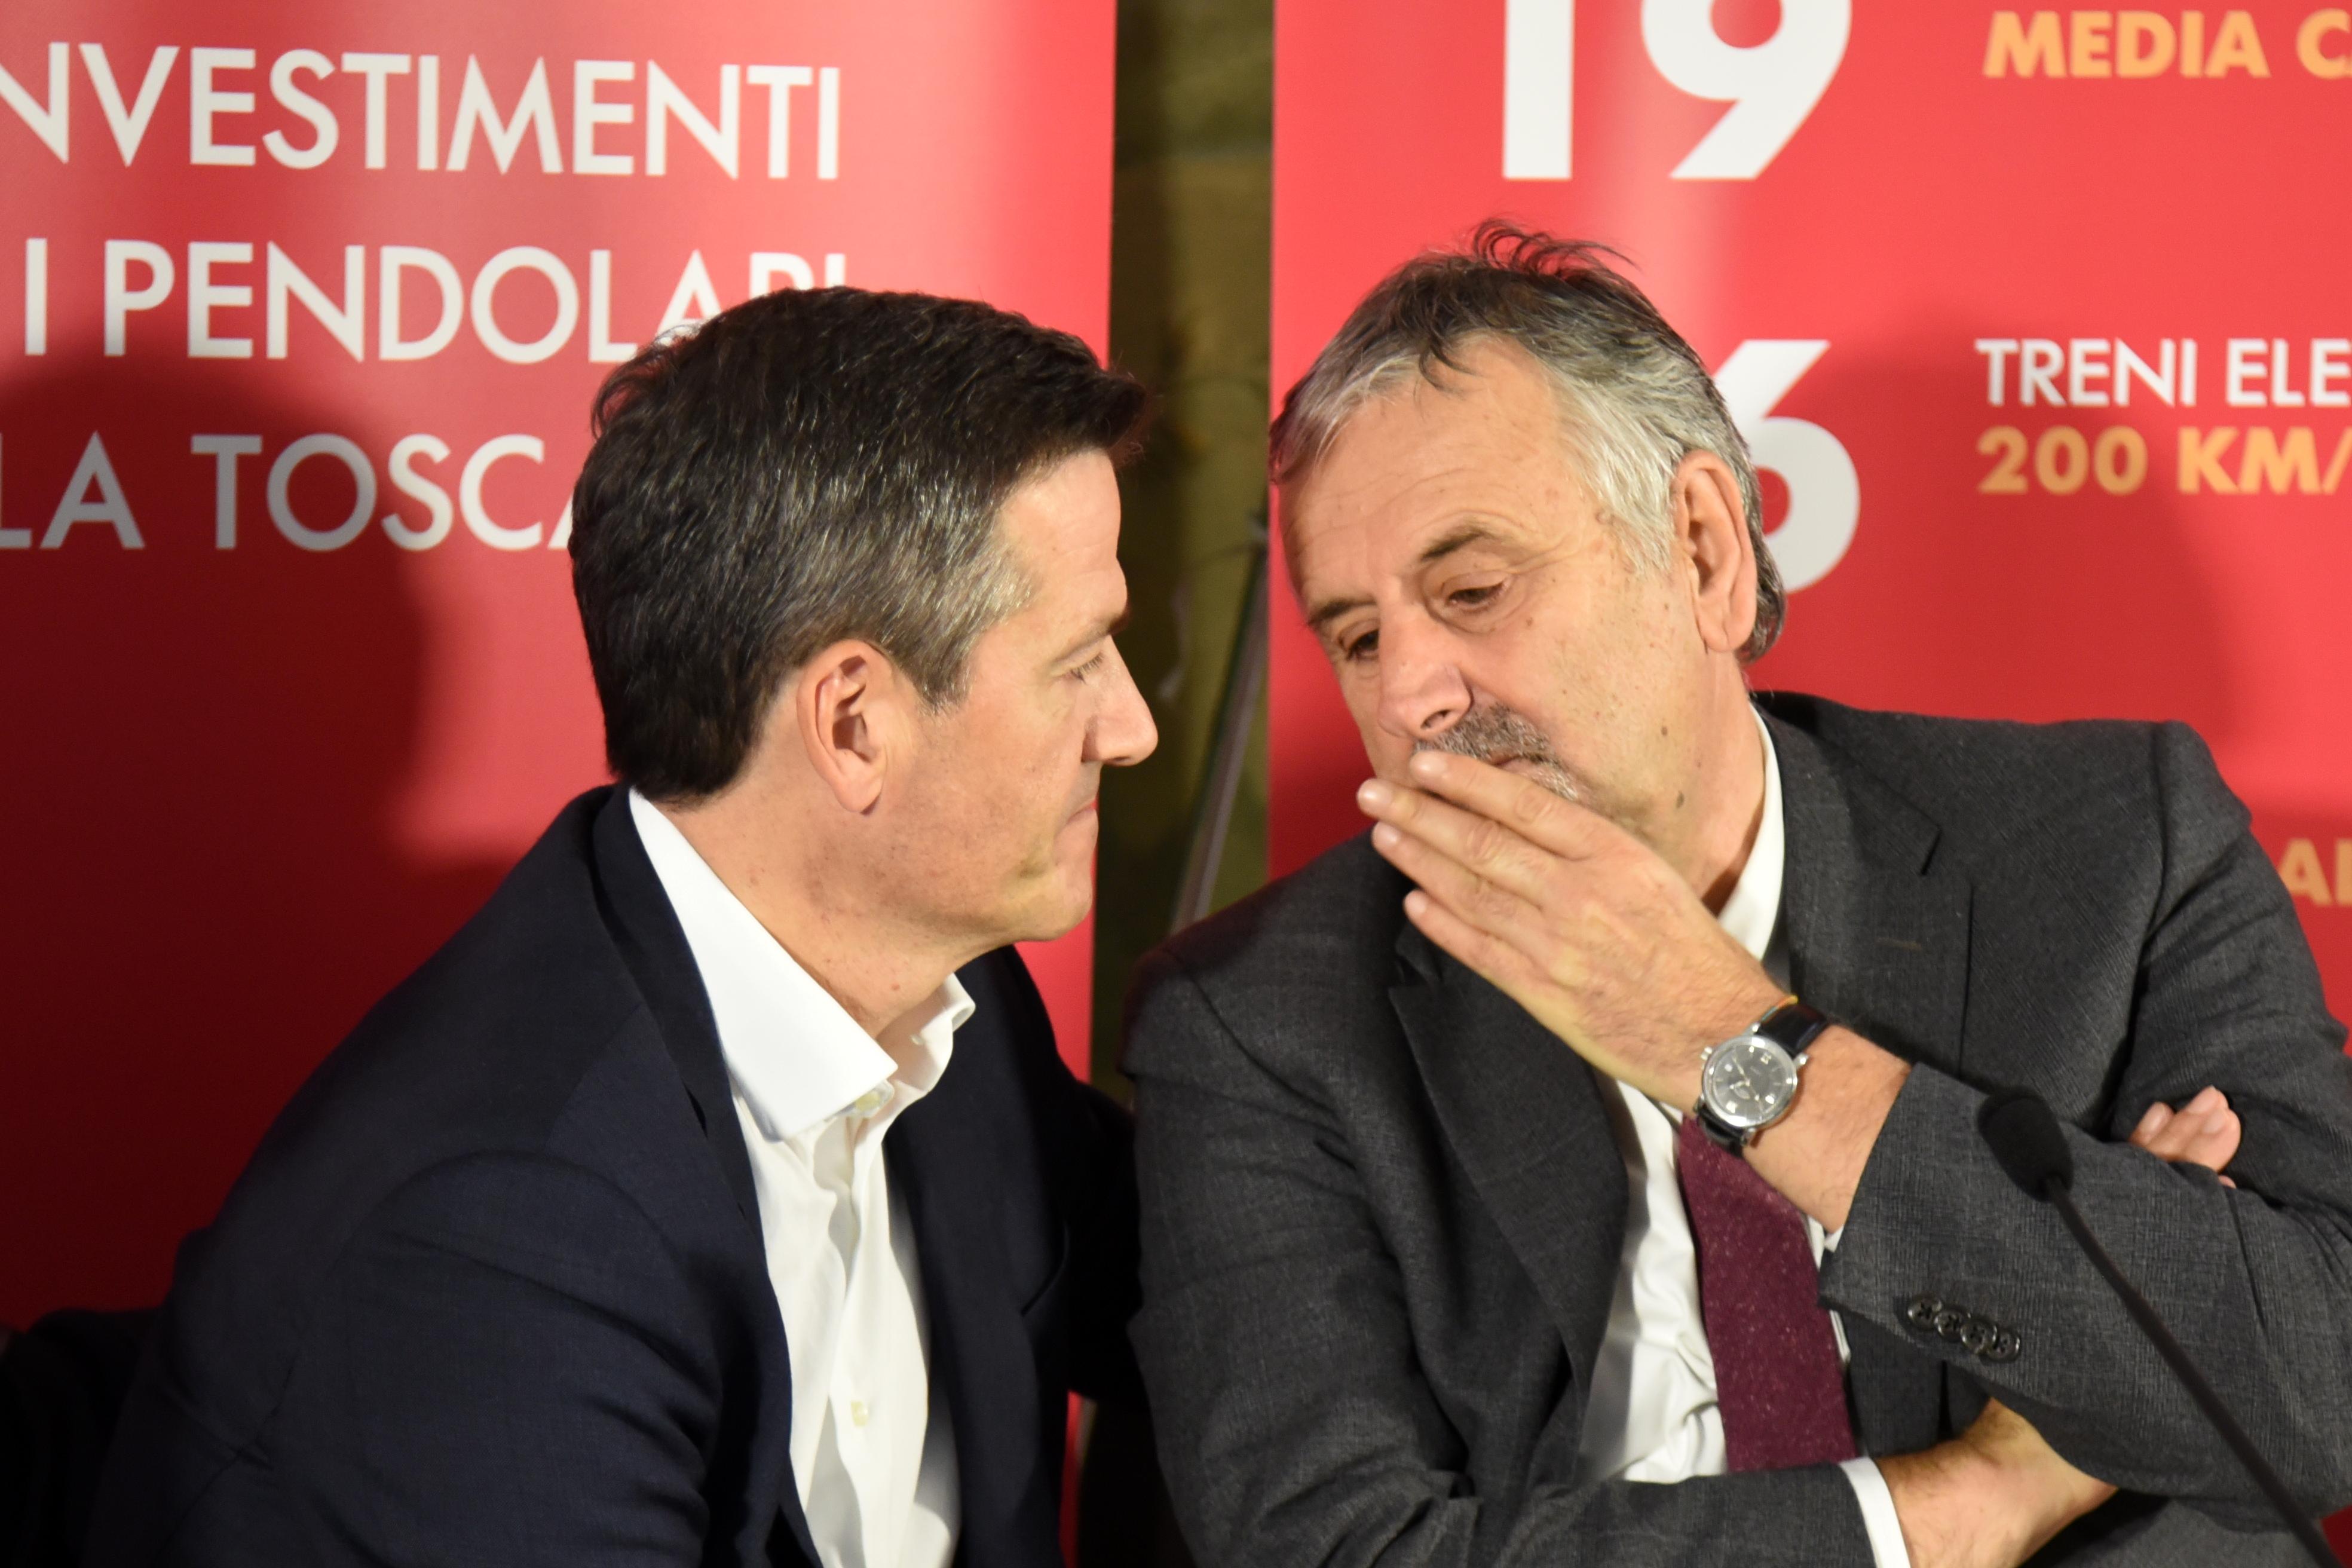 contratto-regione-toscana-trenitalia2-2